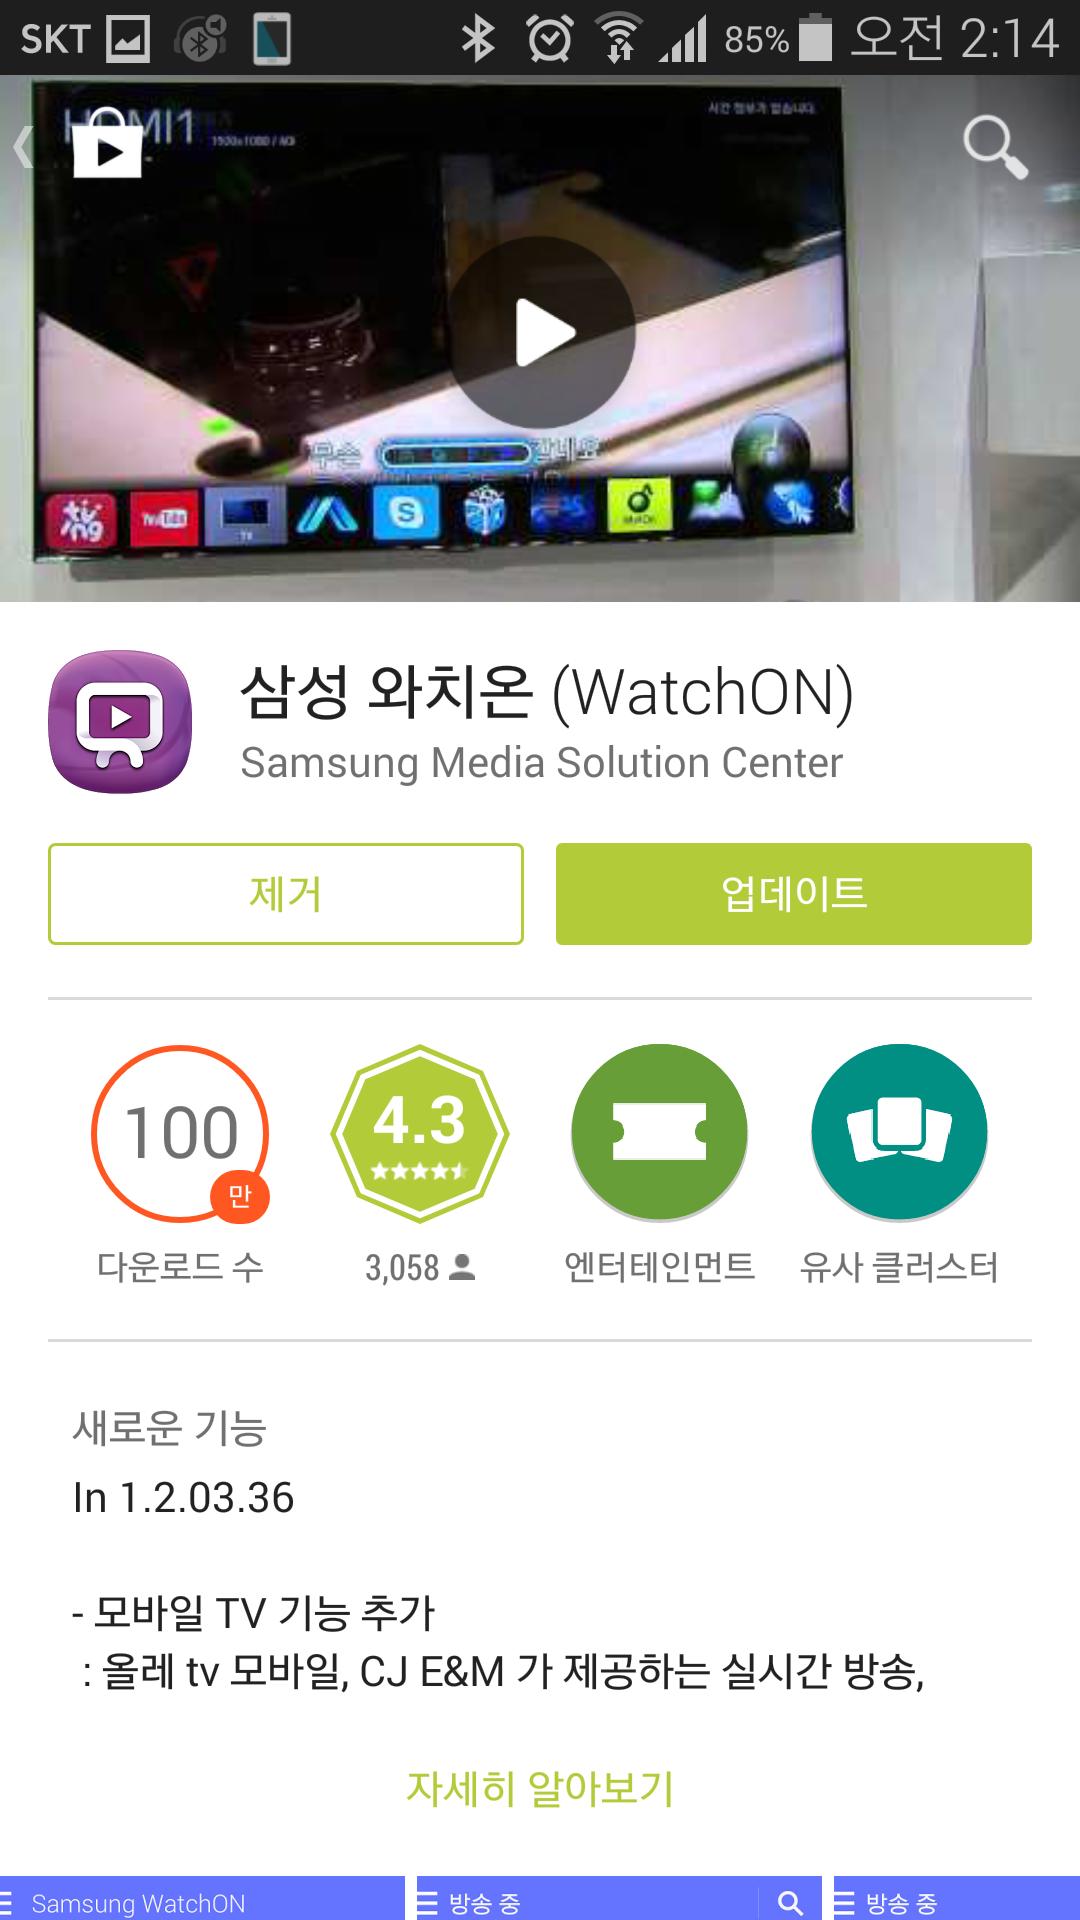 삼성 와치온 2.0, VOD 보기, 추석 영화 추천,TV다시보기,귀경길,명절,추석,영화 특선,영화추천,다운로드,IT,앱,삼성 와치온 2.0으로 추석 영화 추천을 받아보도록 하죠. WatchOn은 스마트폰으로 TV를 제어할 수 있는 앱인데요. 이에 그치지 않고 방송 정보를 확인하고 바로 보기가 가능 합니다. 조금 더 채널 구성표 적극적으로 보고 활용할 수 있는 앱이라 할 수 있습니다. 또한, 삼성 와치온 2.0은 이 외에도 VOD보기 와 방송 다시 보기 등 서비스는 물론 주기적으로 바뀌는 테마 별 다양한 콘텐츠도 제공 합니다. 삼성 와치온 2.0으로 추석 영화 추천을 받아보고 TV로도 방송을 보고 또는 자신이 보고 싶은 영화를 직접 바로 다운로드 받아서 보는 방법에 대해서 살펴보겠습니다.  다운로드 한 파일은 스마트폰에서도 직접 재생해서 볼 수 있지만, 올쉐어를 이용하면 DLNA를 지원하는 더 큰 디스플레이에서도 화면을 볼 수 있습니다 삼성 비디오에서도 TV방송과 영화보기에 대해서 다양한 테마로 컨텐츠들이 다양하게 많이 있었는데요. 참고로 무료 영화도 있습니다. 저는 가벼운 마음으로 하나 다운로드를 받아봤는데요. 옛날 영화지만 오랜만에 보니까 그것도 재미있더군요. 재미있는 영화 잘 선택해서 온가족과 한번 즐겨보는것도 좋아보입니다.